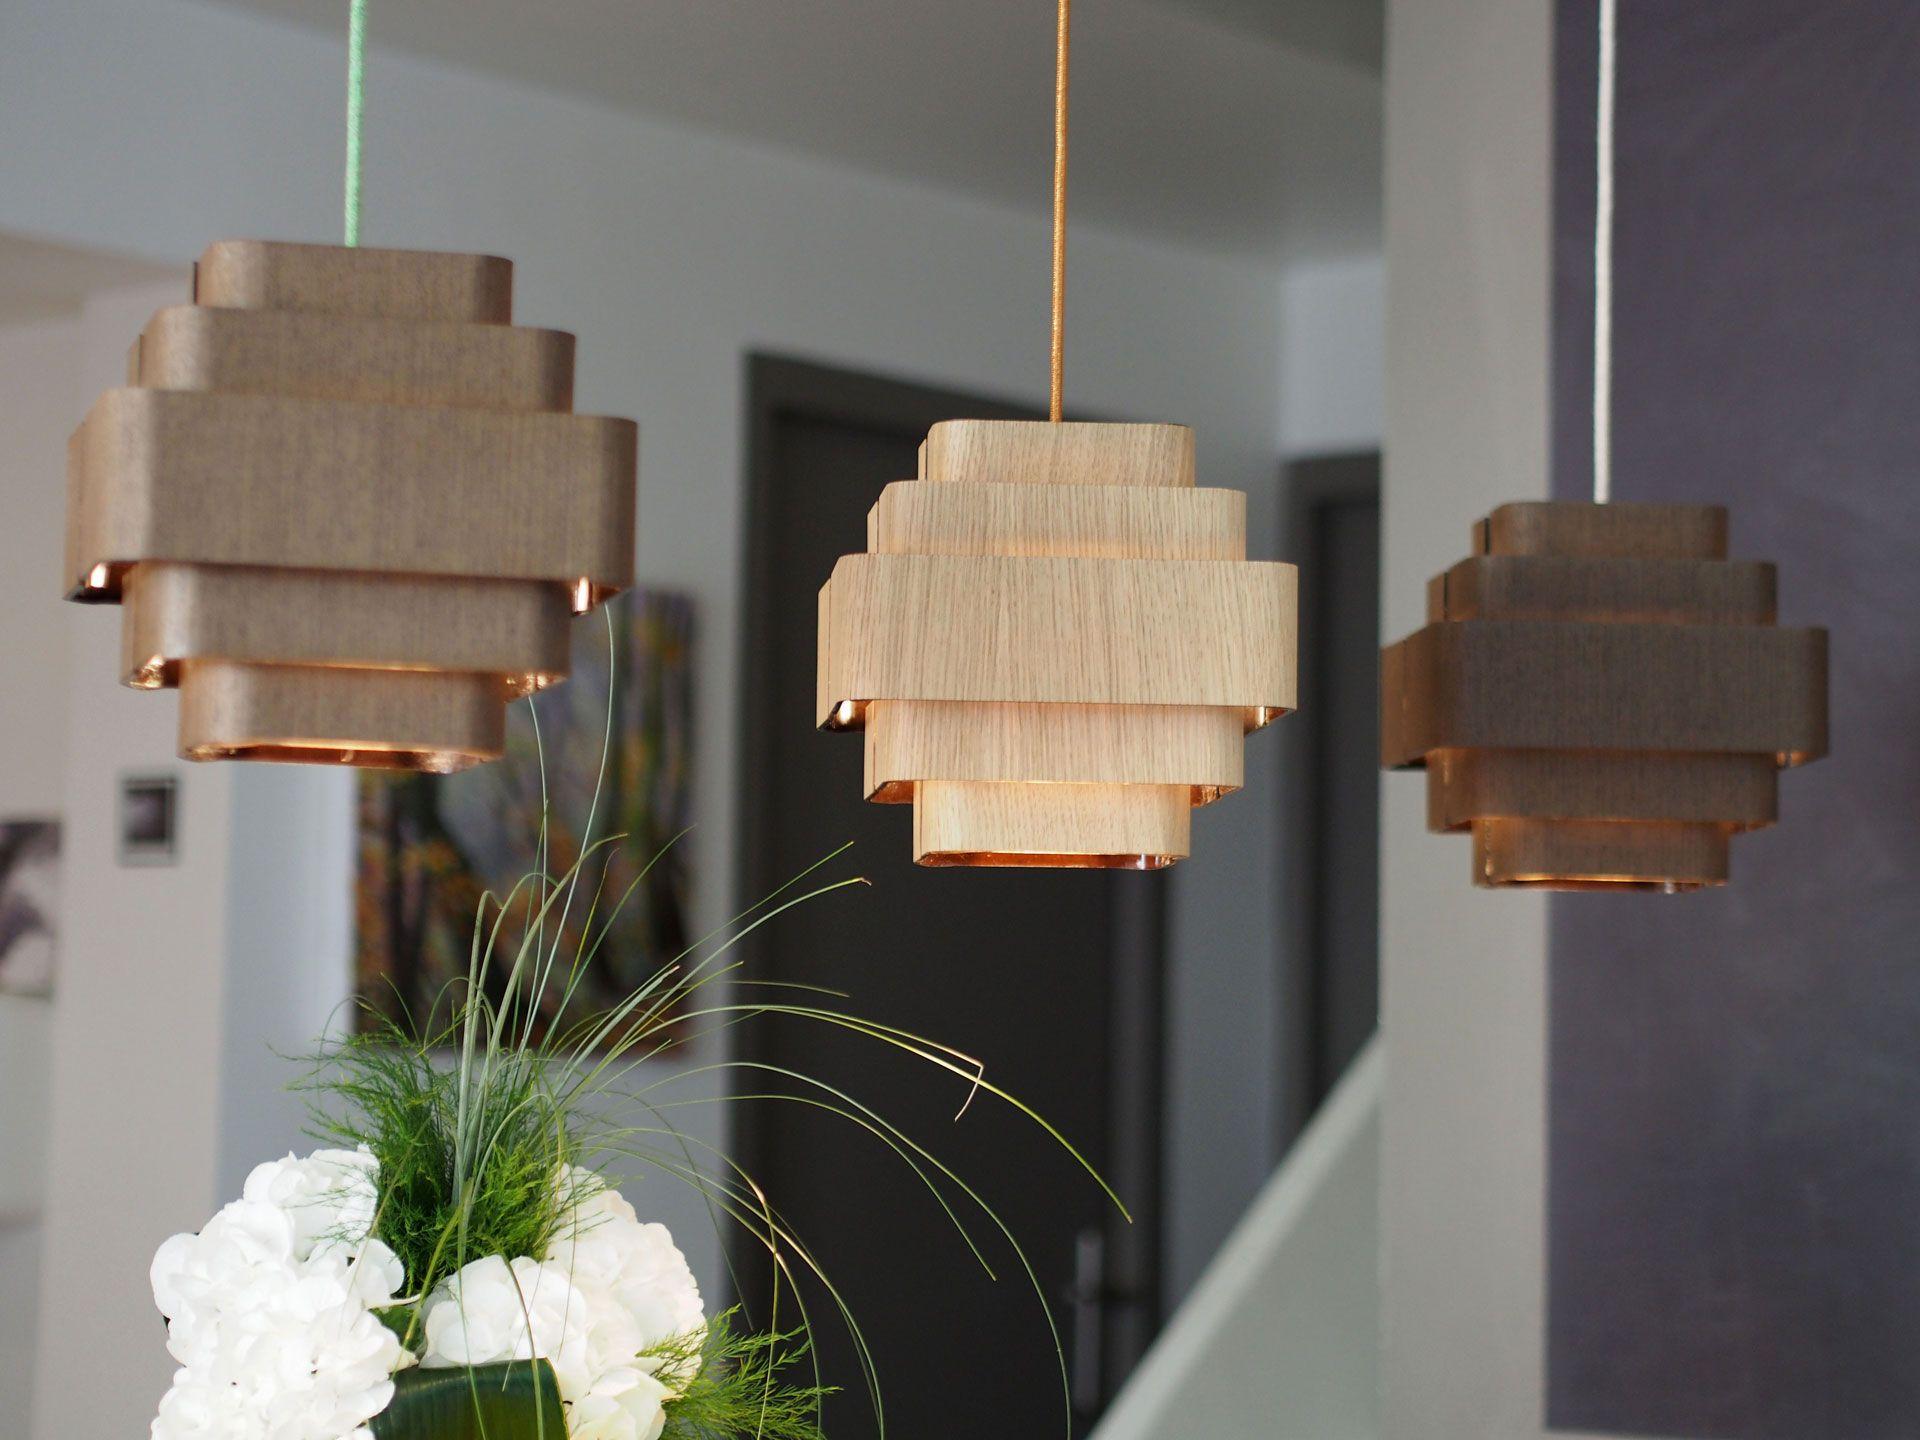 Suspensions lustres lampes suspendues bois cable textiles 7 coloris